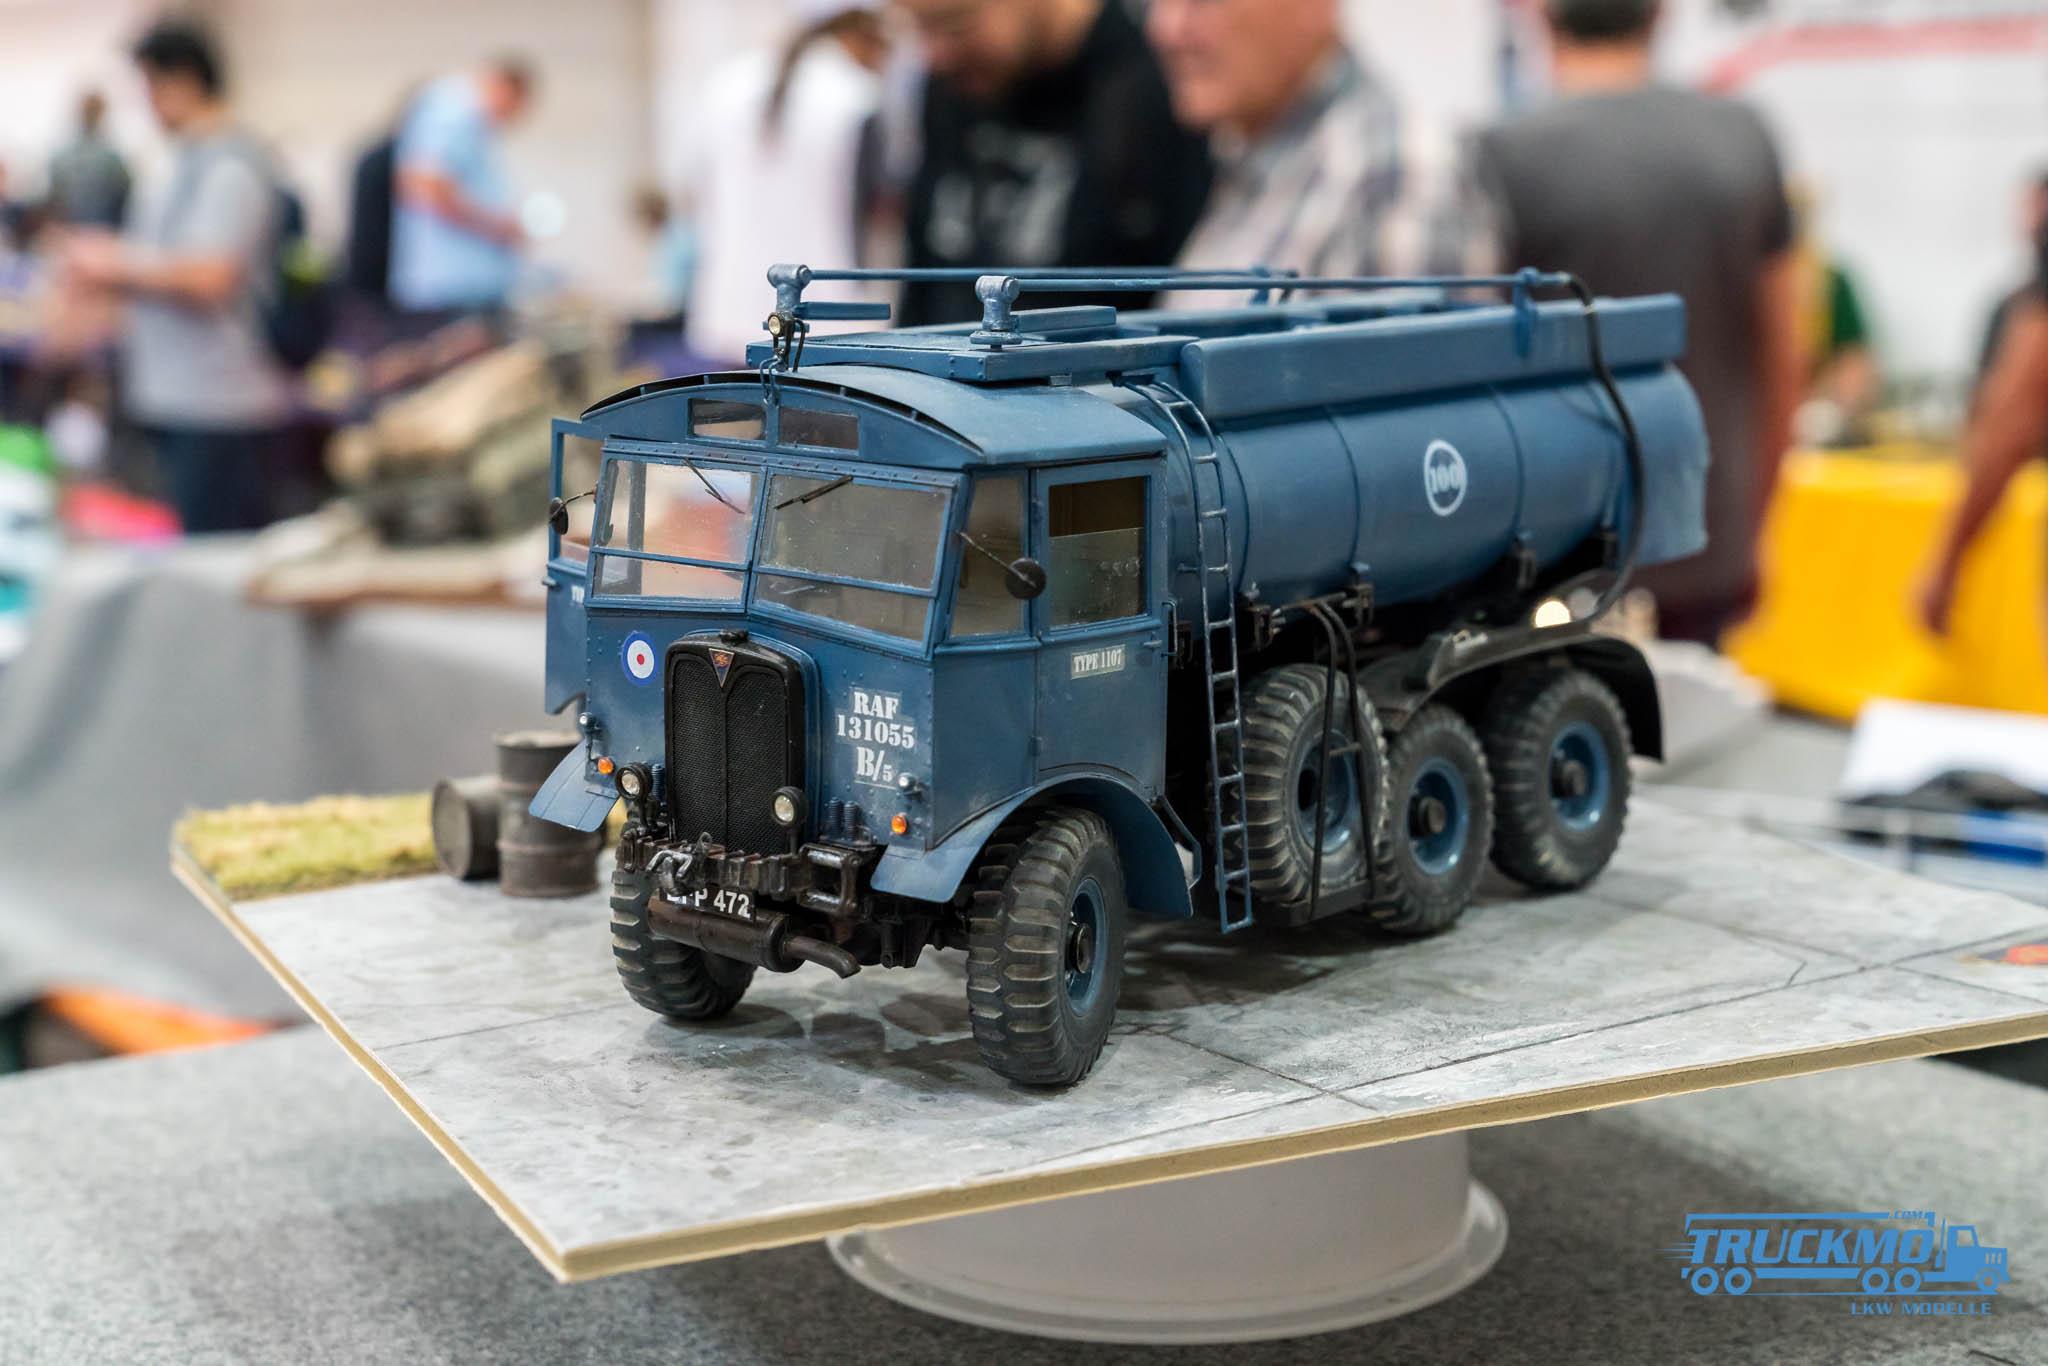 Truckmo_Modellbau_Ried_2017_Herpa_Messe_Modellbauausstellung (442 von 1177)